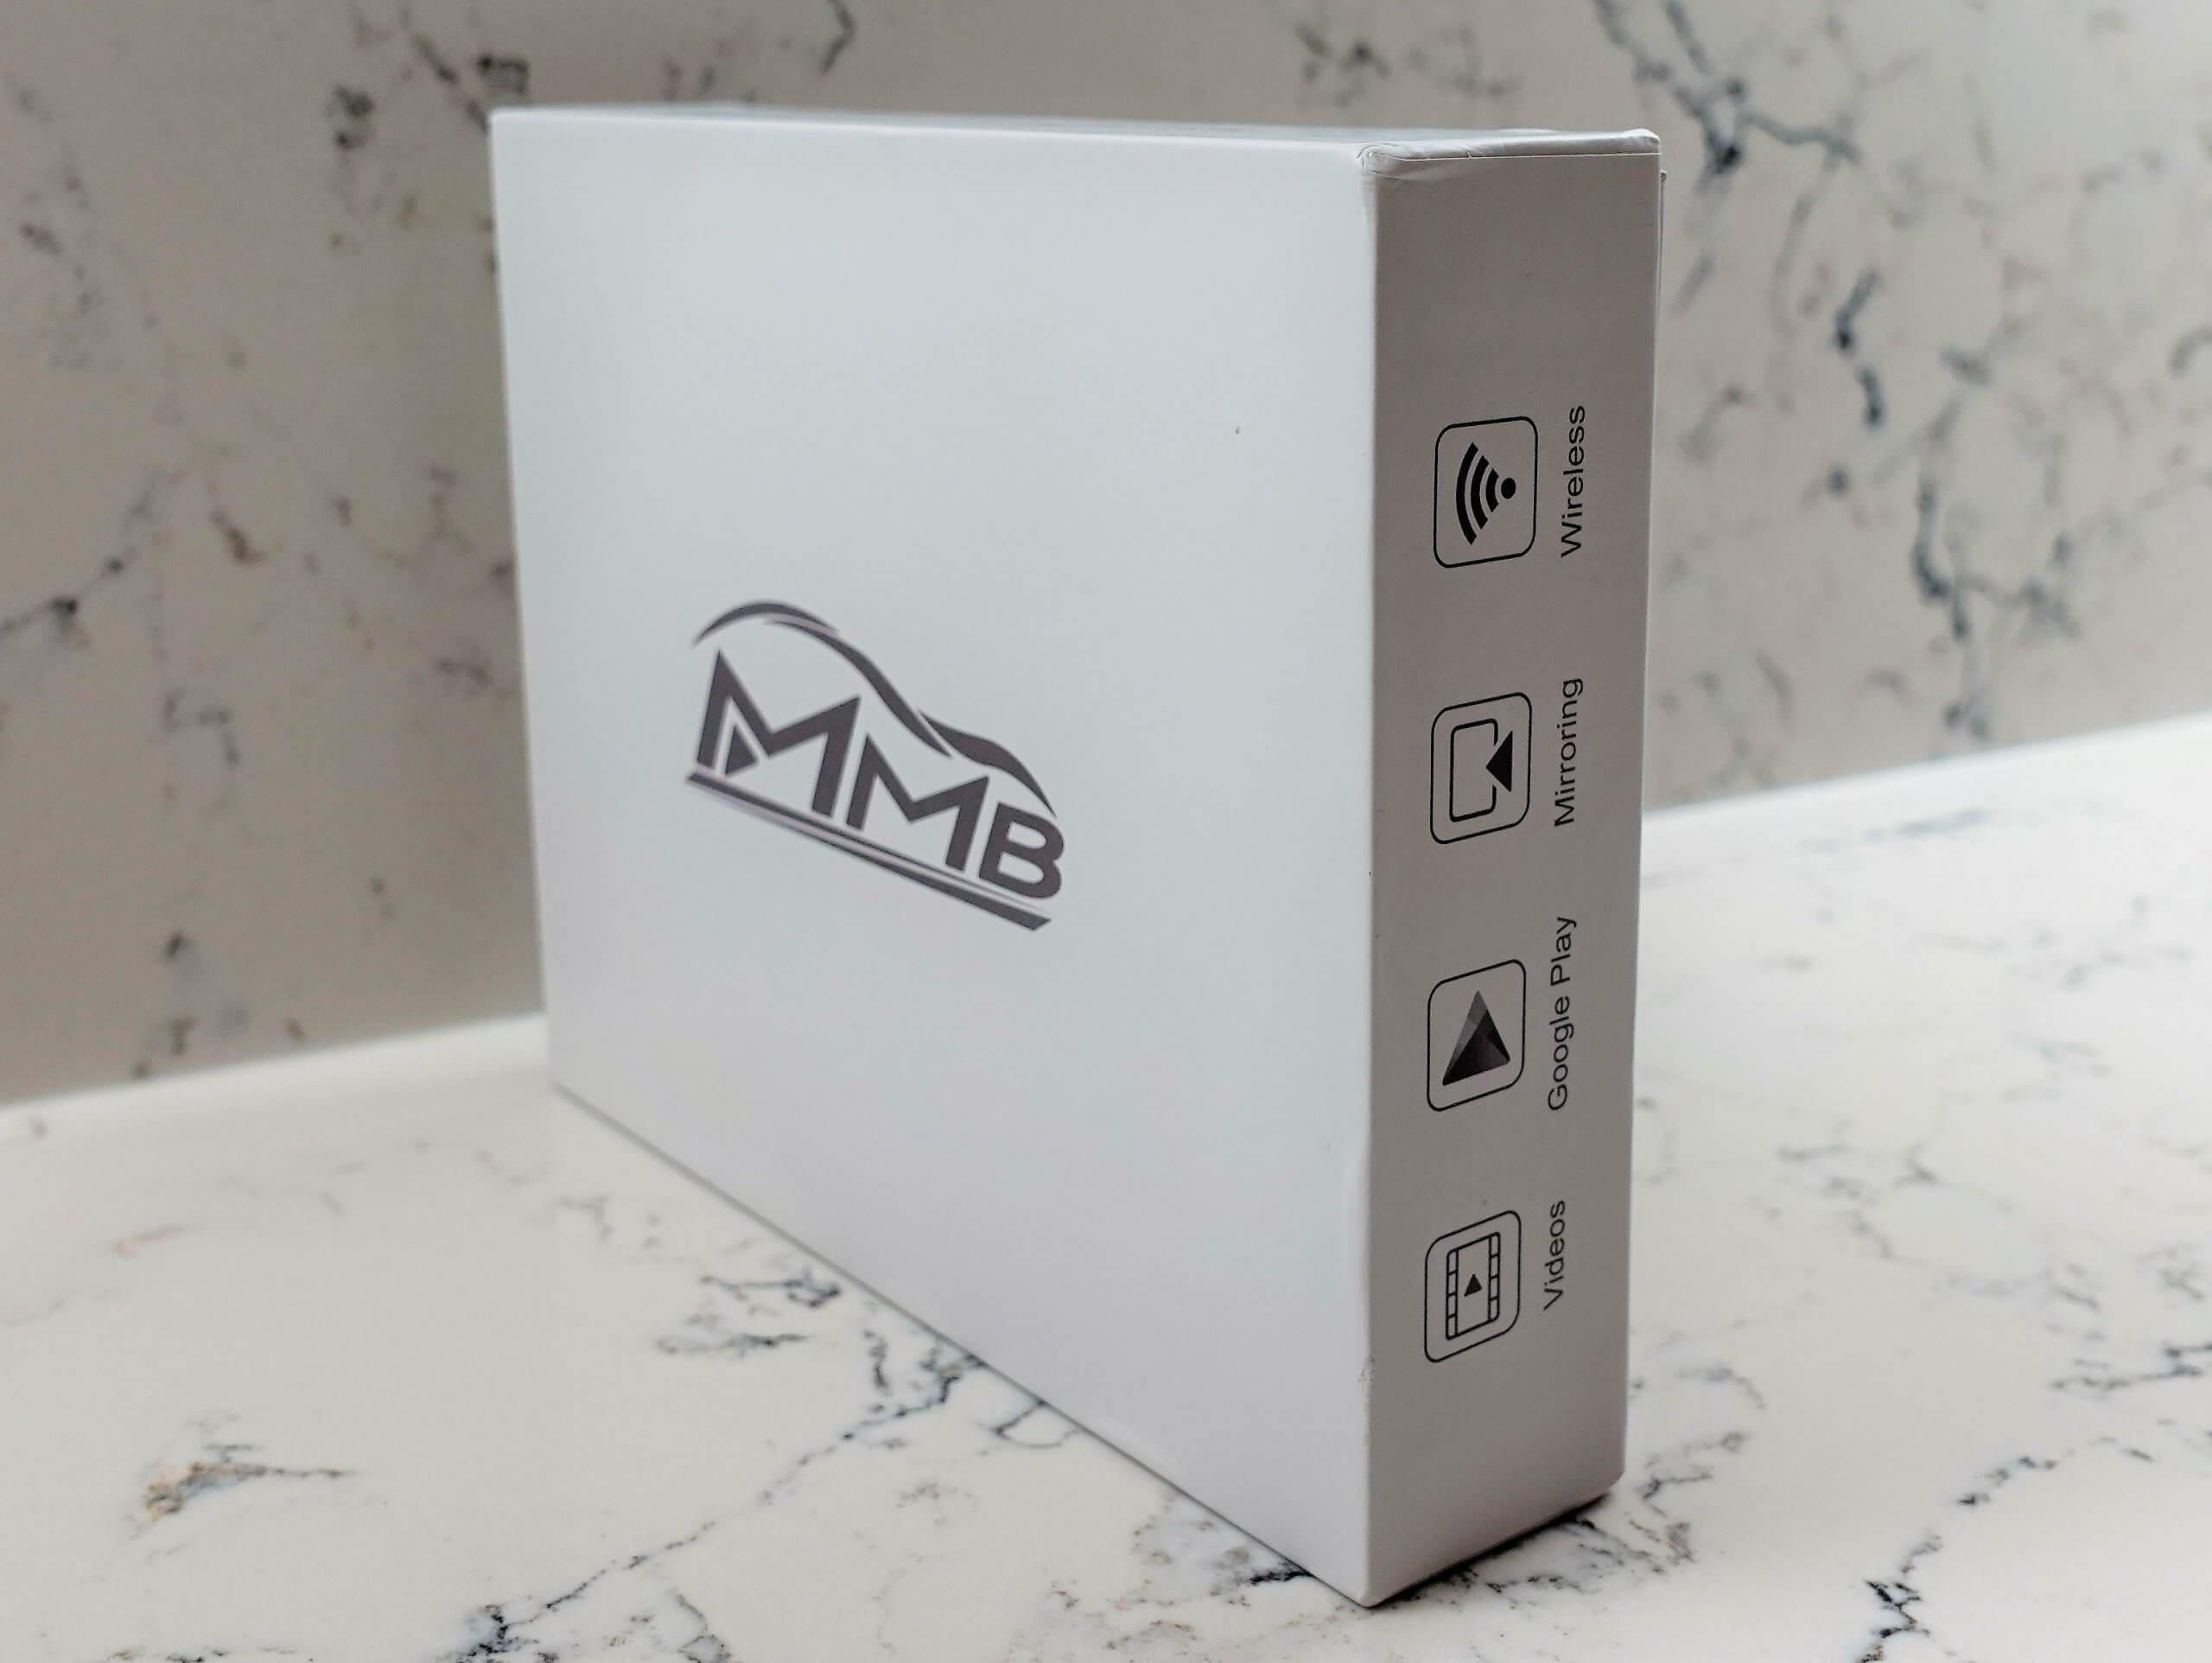 Multimedia Box Side